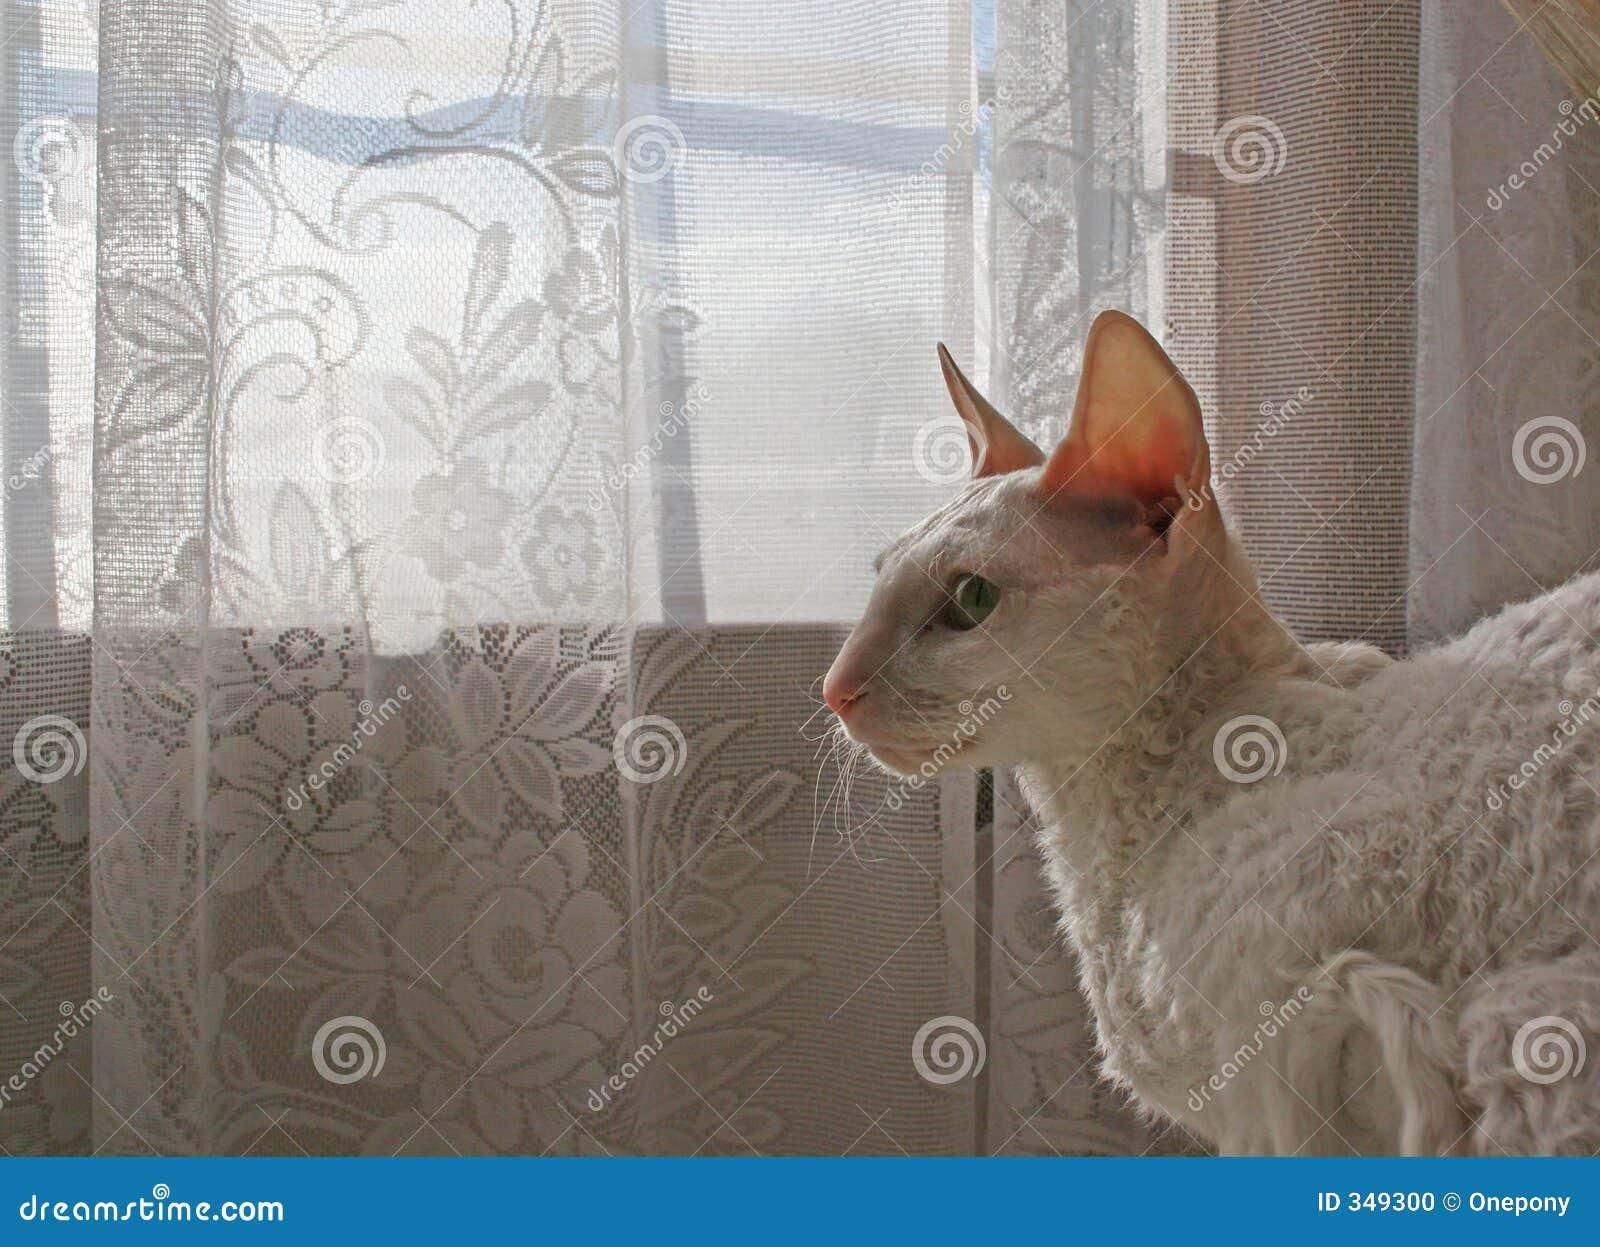 3 Kotów Cornish Rex Zdjęcie Stock Obraz Złożonej Z Biały 349300